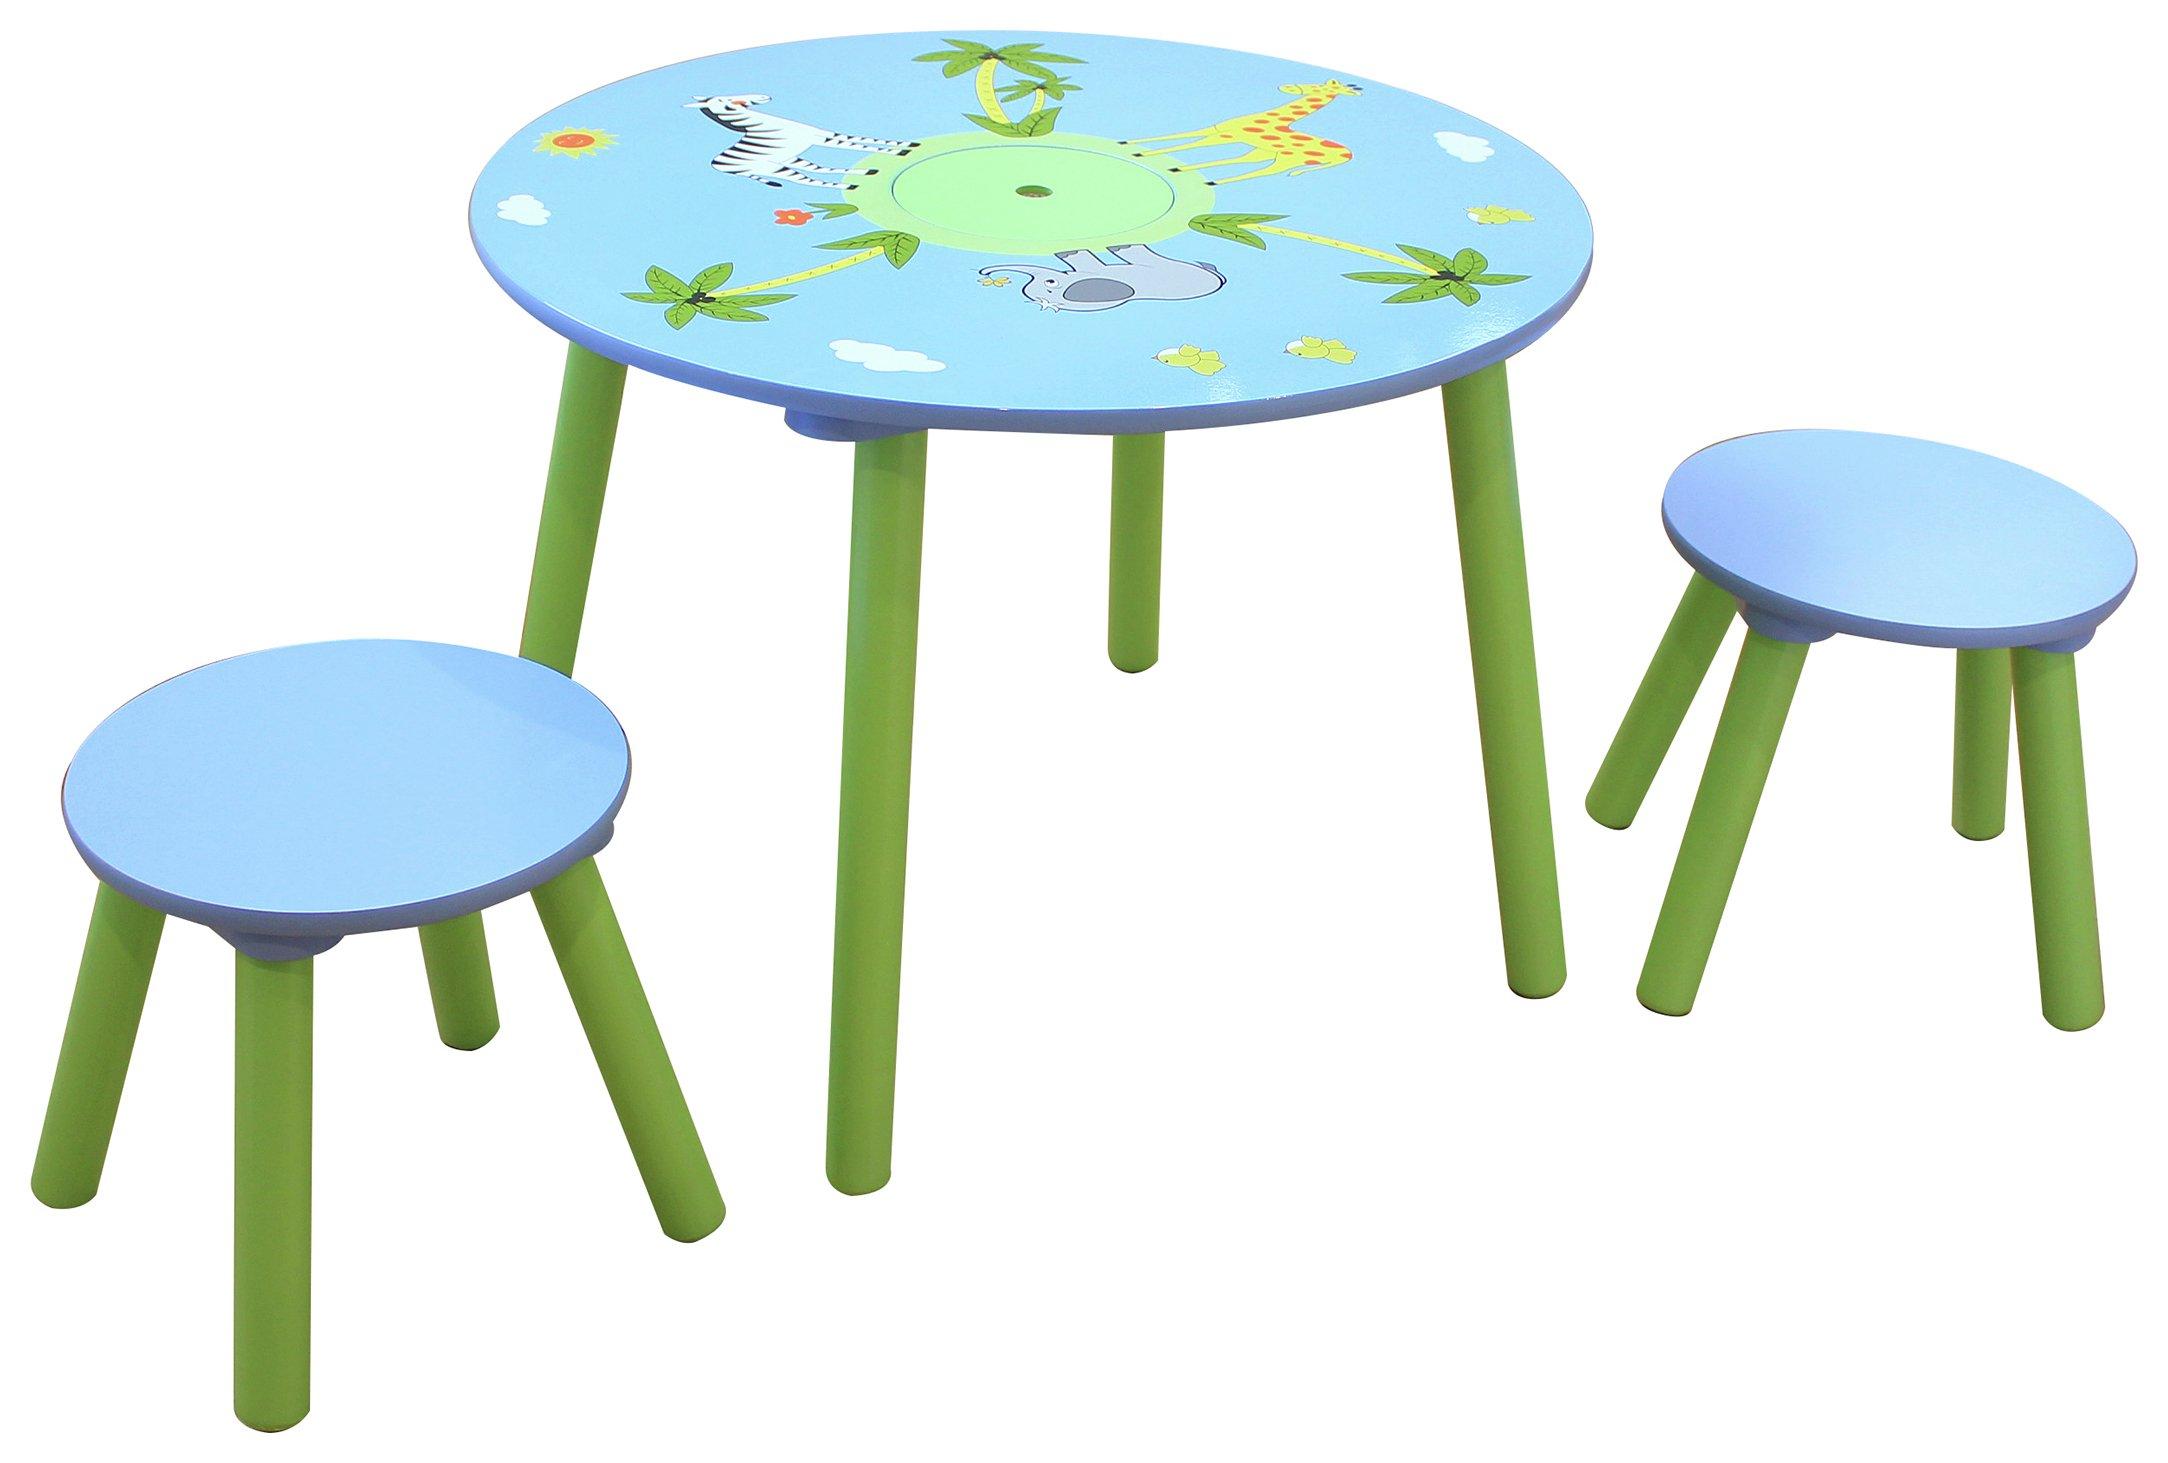 Liberty Houe Safari Nursery Table and 2 Stool Set.